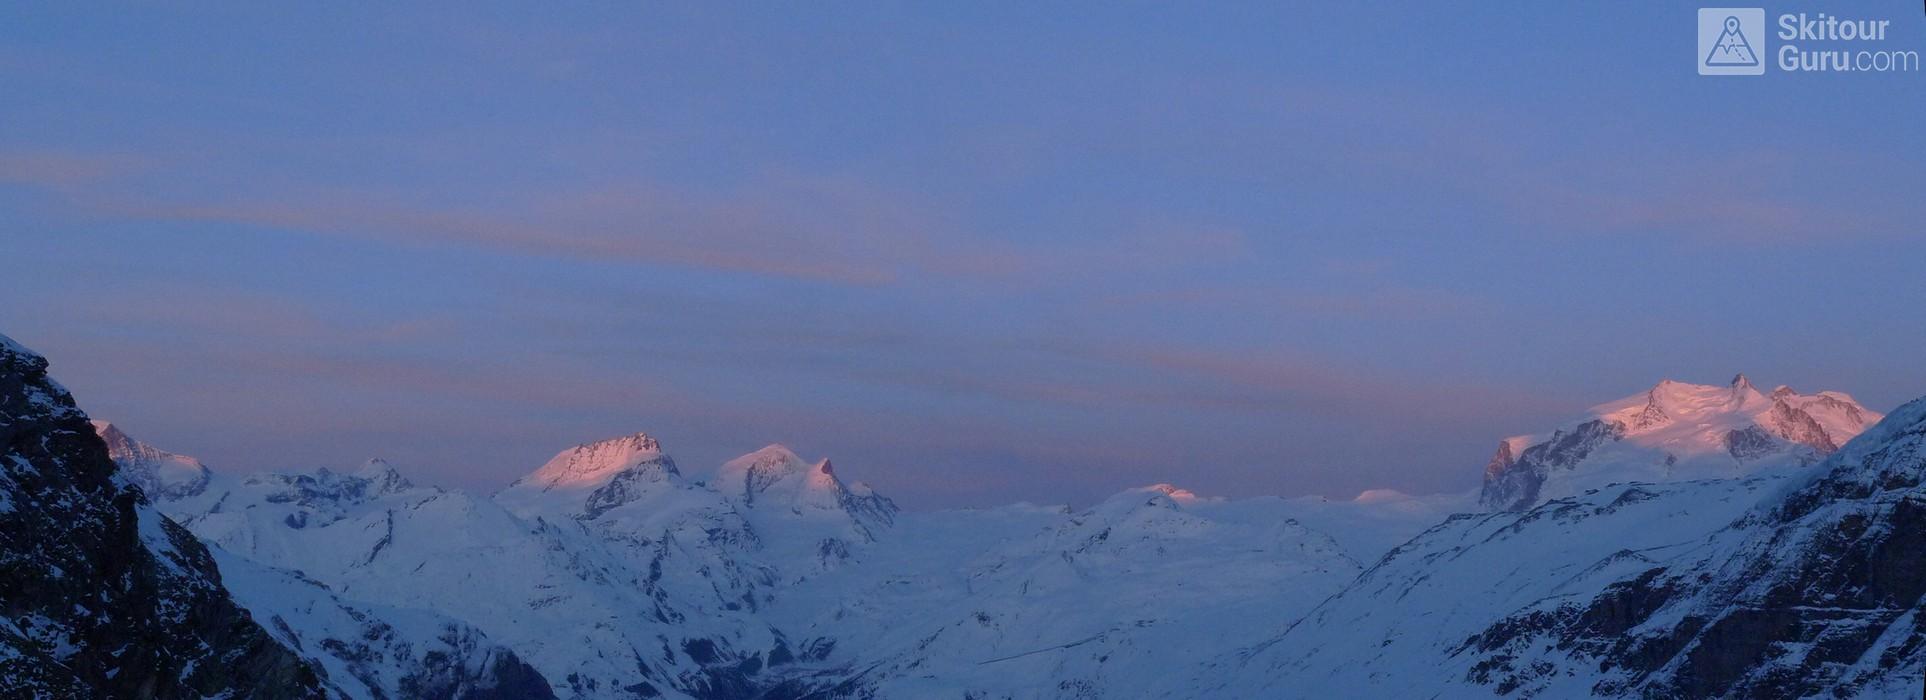 Schönbielhütte Walliser Alpen / Alpes valaisannes Switzerland panorama 24